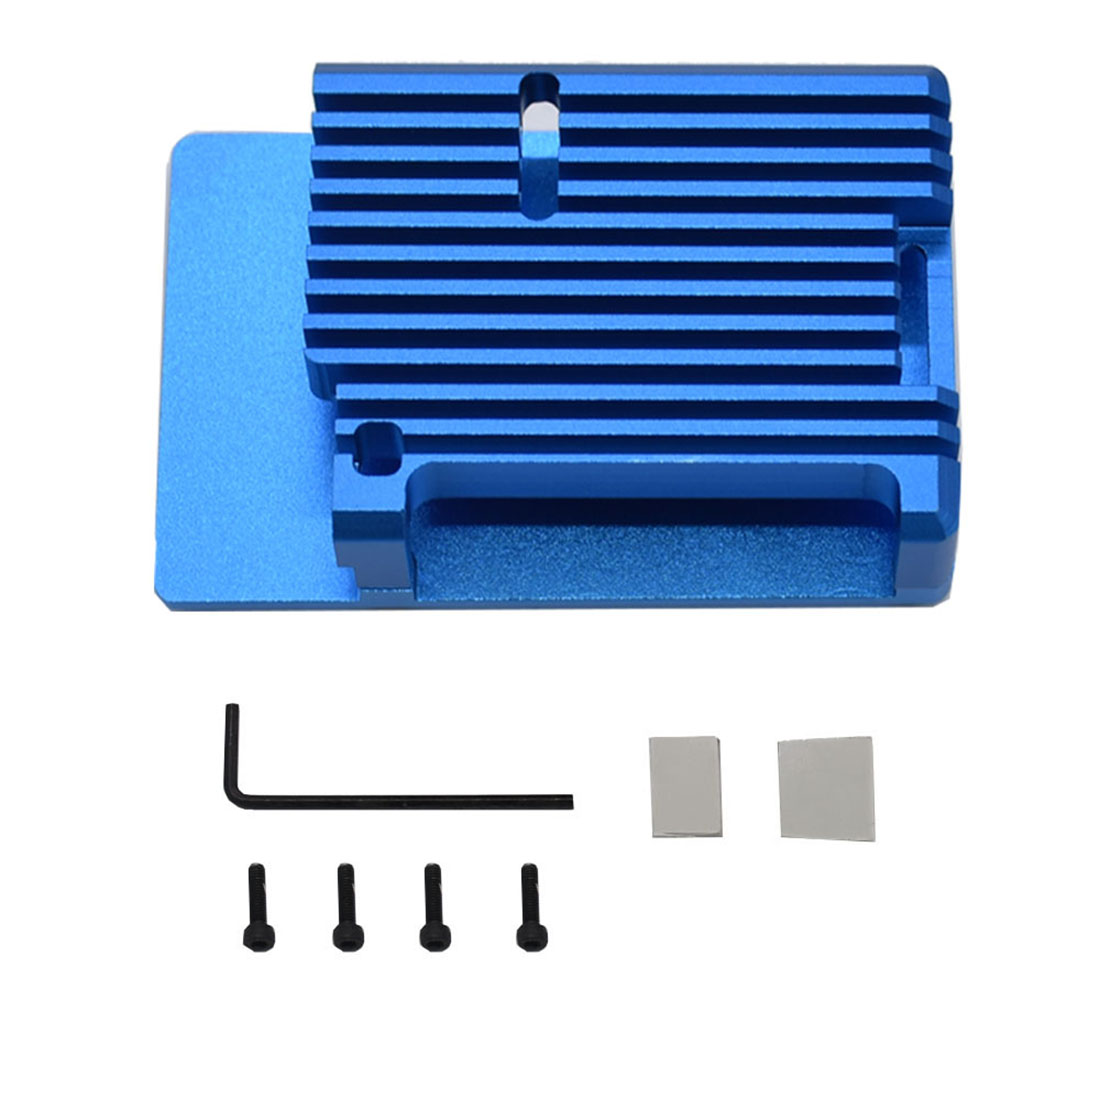 Black Case JMT Dual Fan Cooling Heat Sink with Aluminum Metal Case for Raspberry Pi 2b//3B//3B Plus Model Housing Ultra-Thin Fan